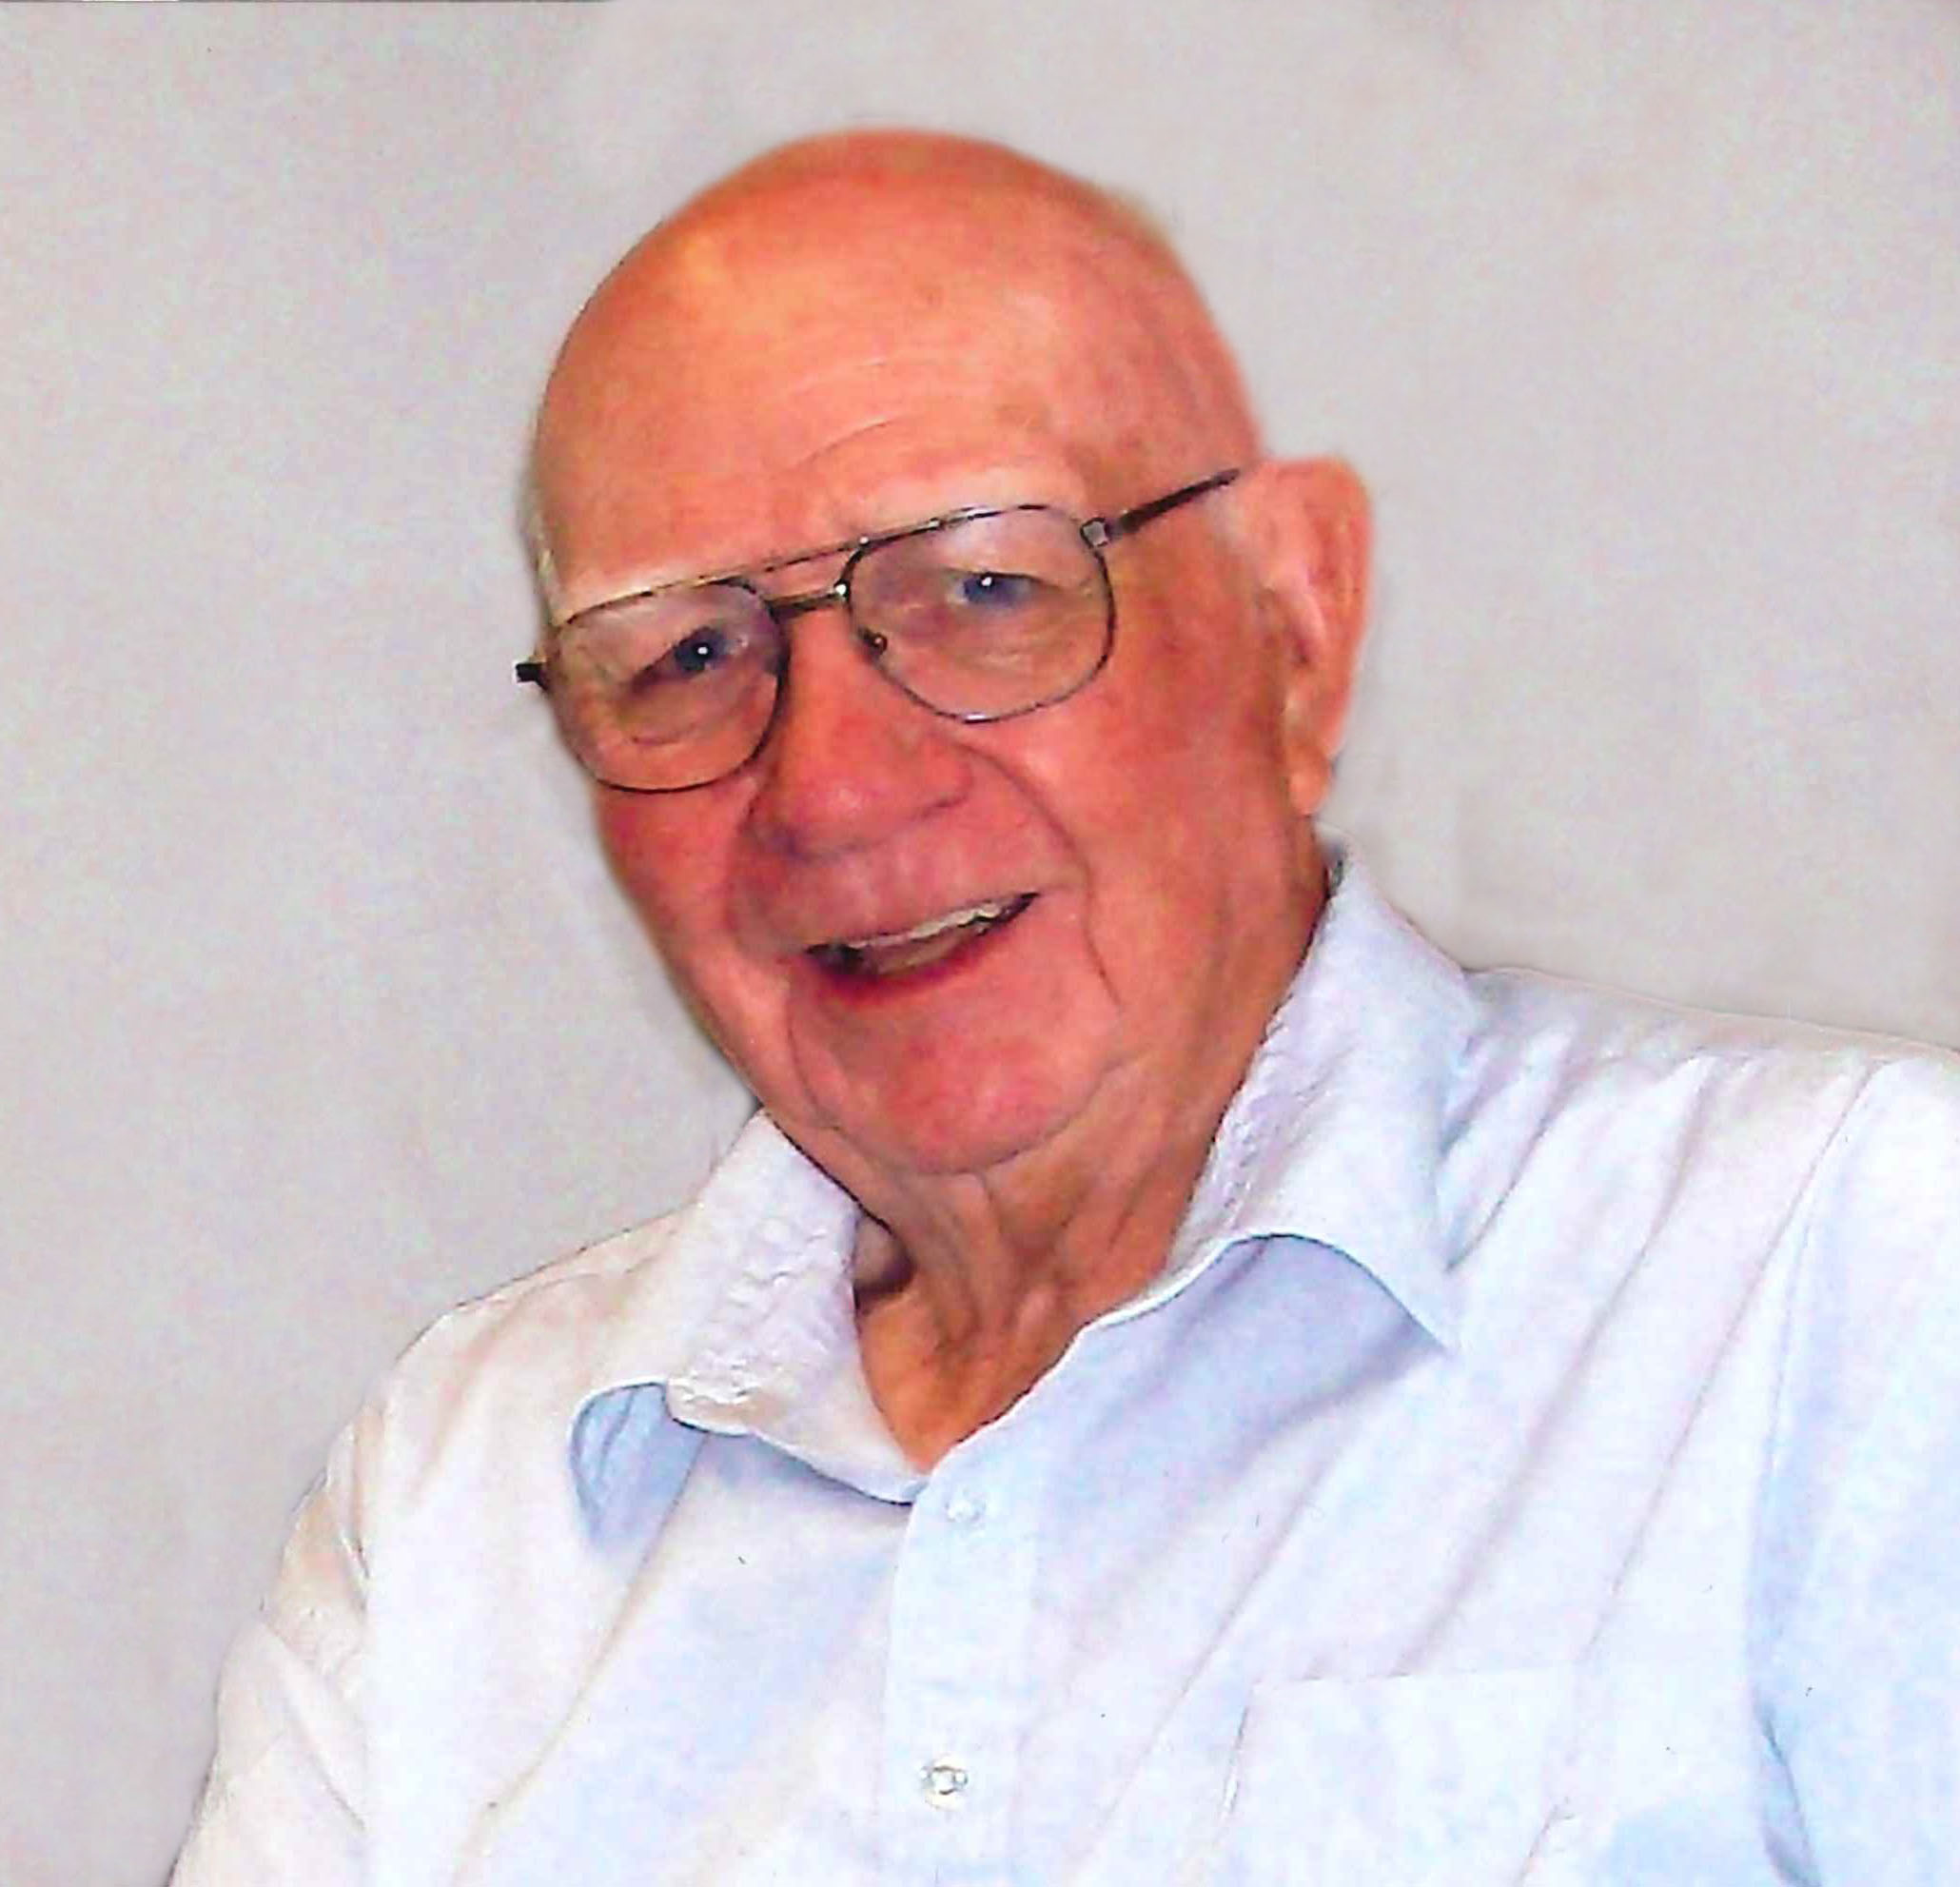 Virgil Dale Wagner, 93 years of age, of Kearney, Nebraska